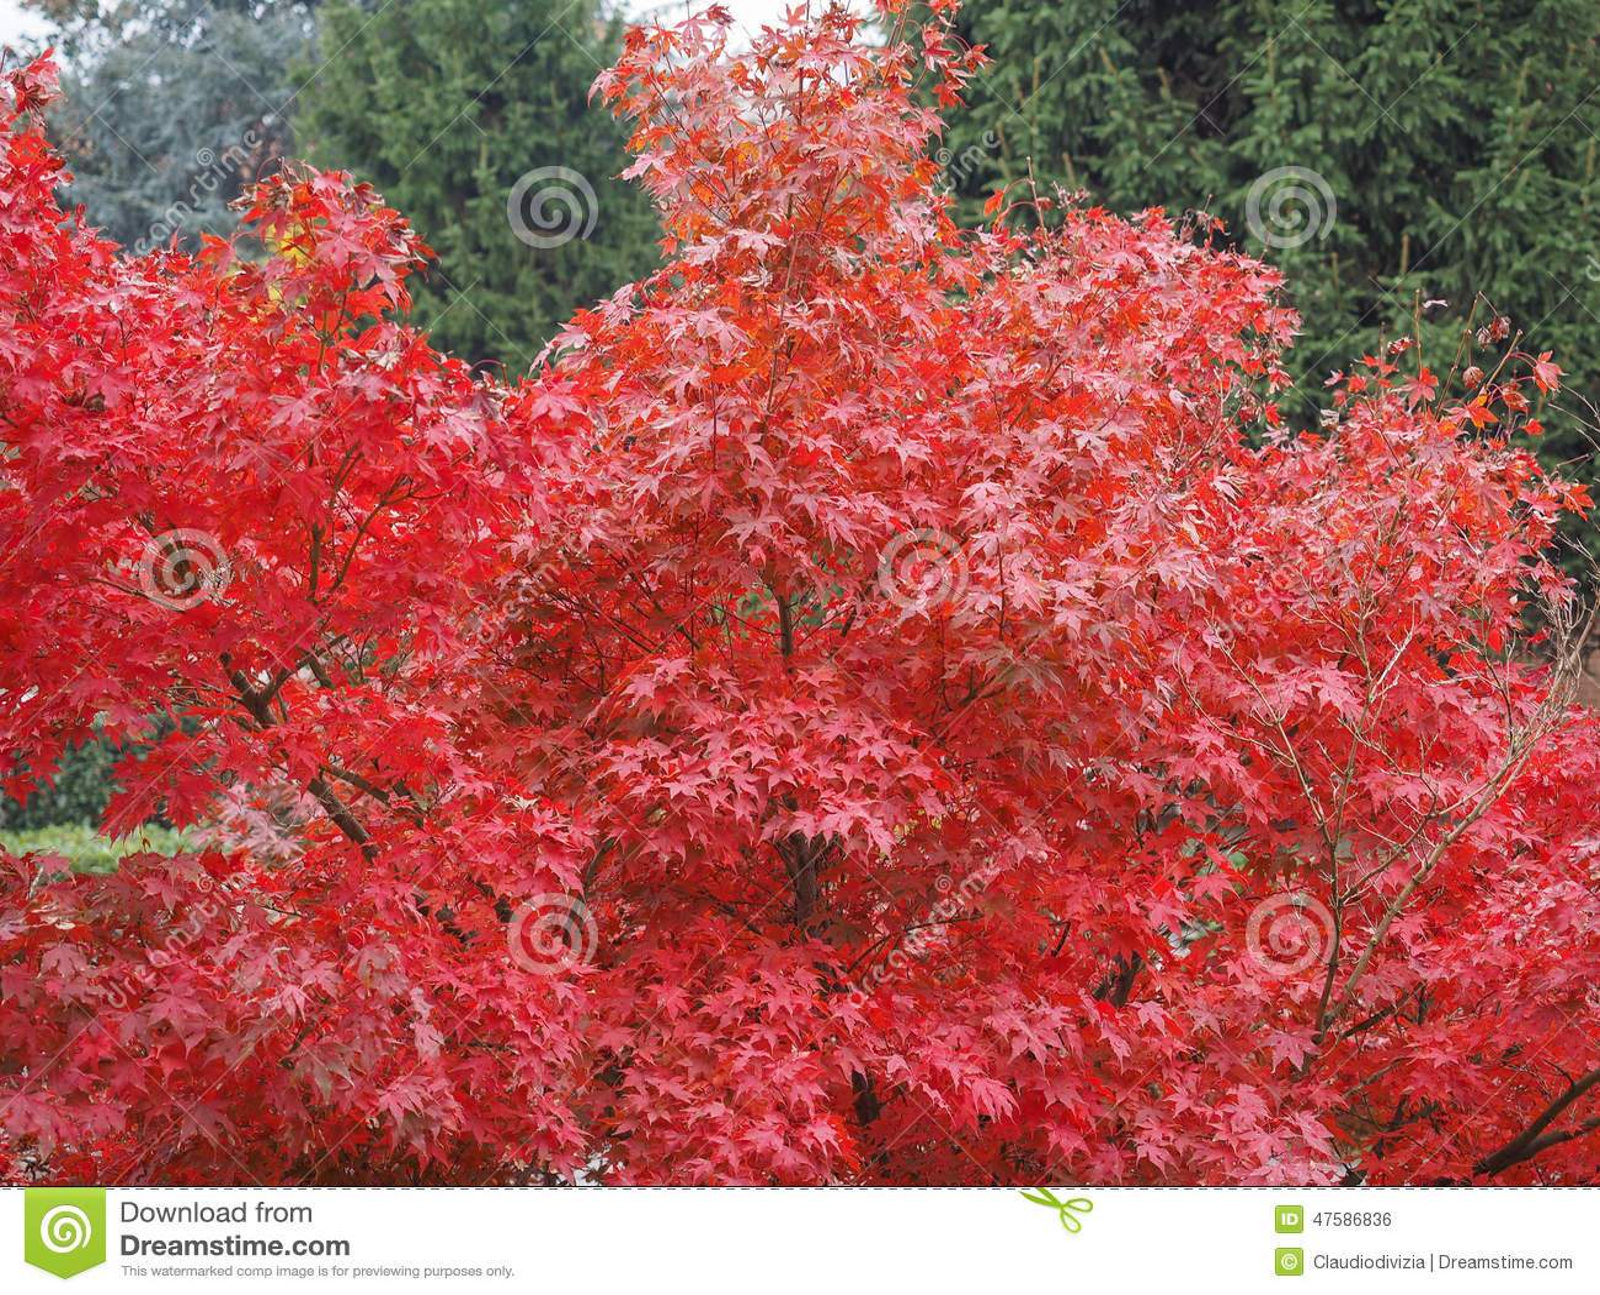 Albero di acero rosso fotografia stock immagine 47586836 for Acero rosso canadese prezzo